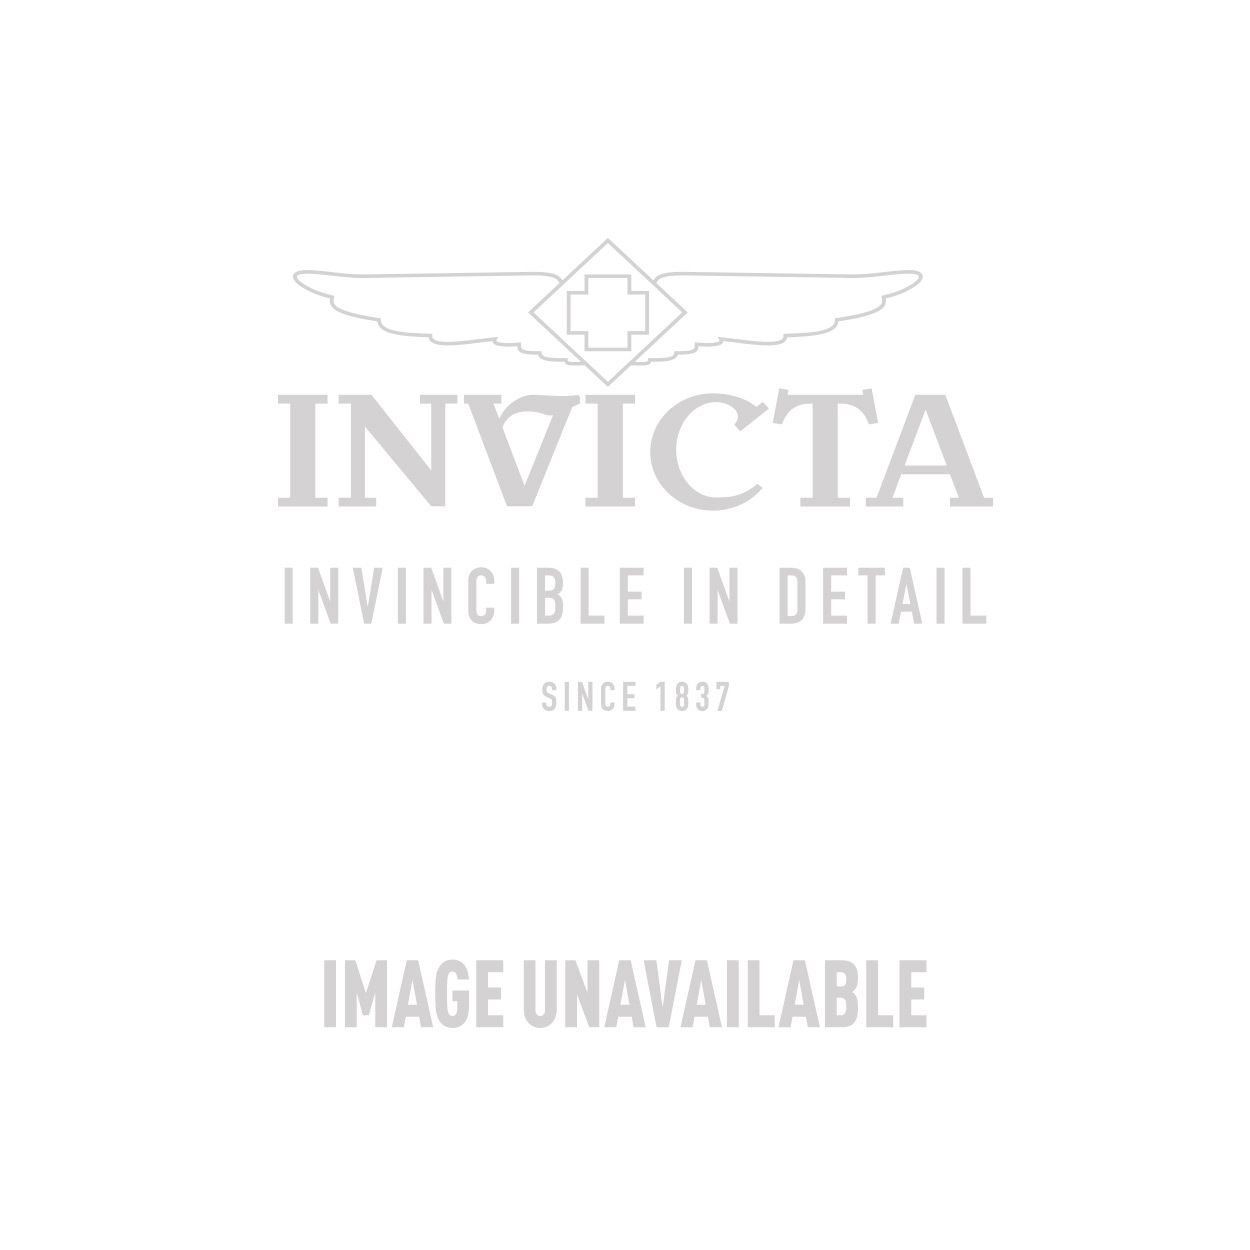 Invicta Model 25470